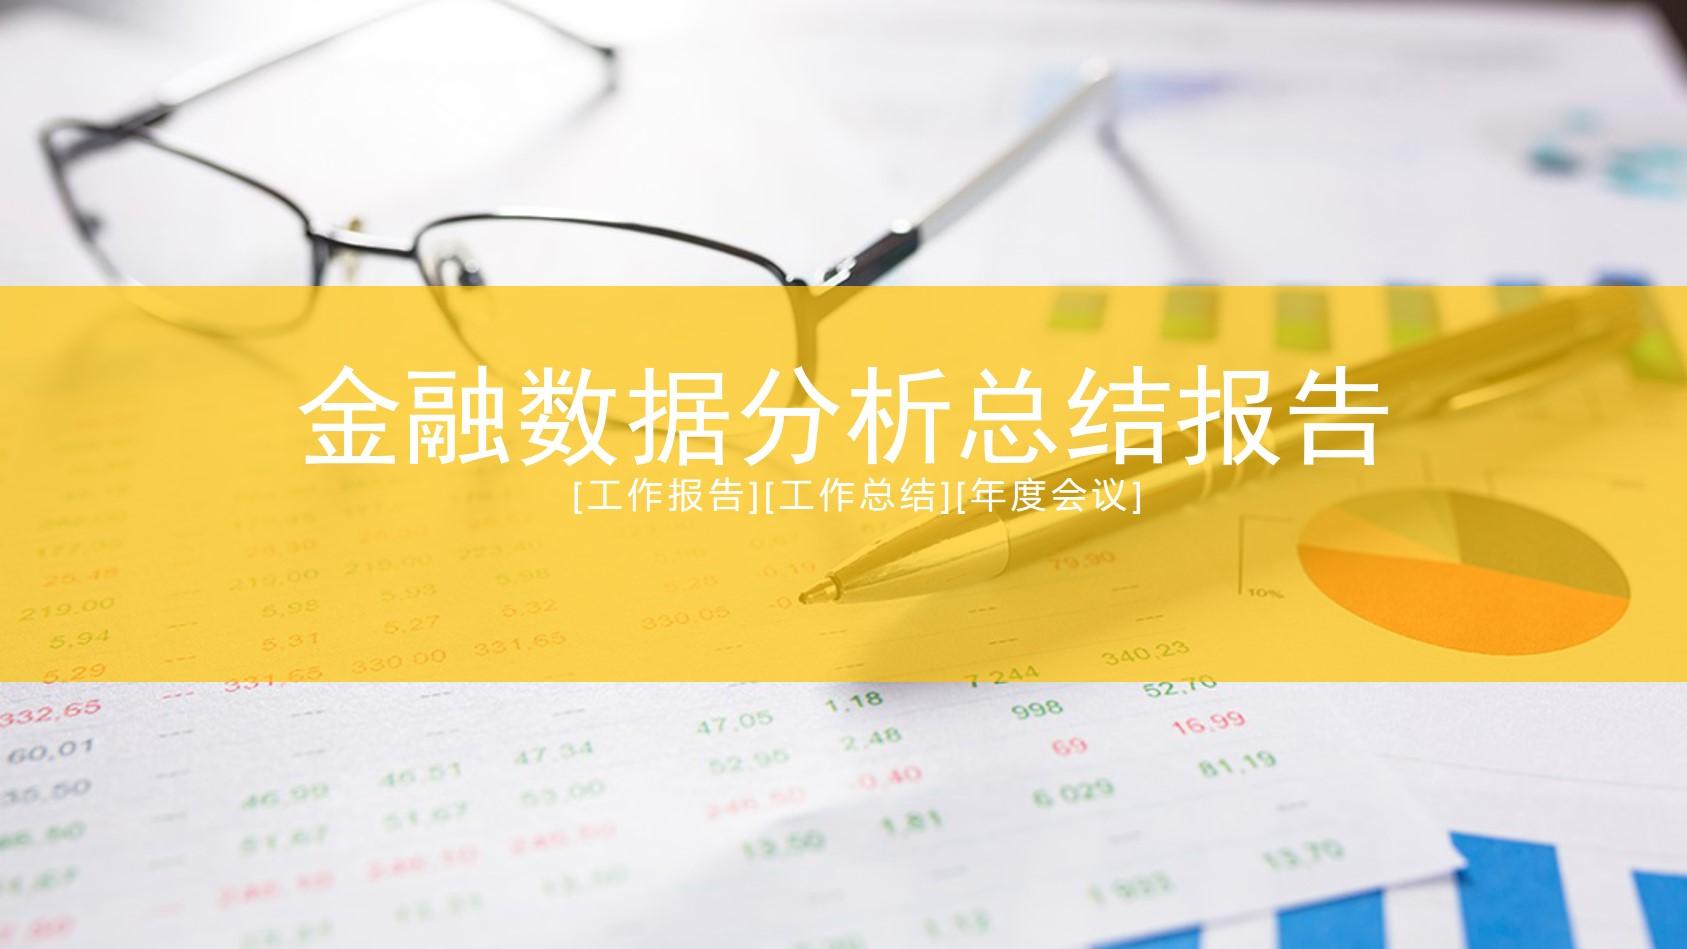 金融行业数据分析报告PPT模板